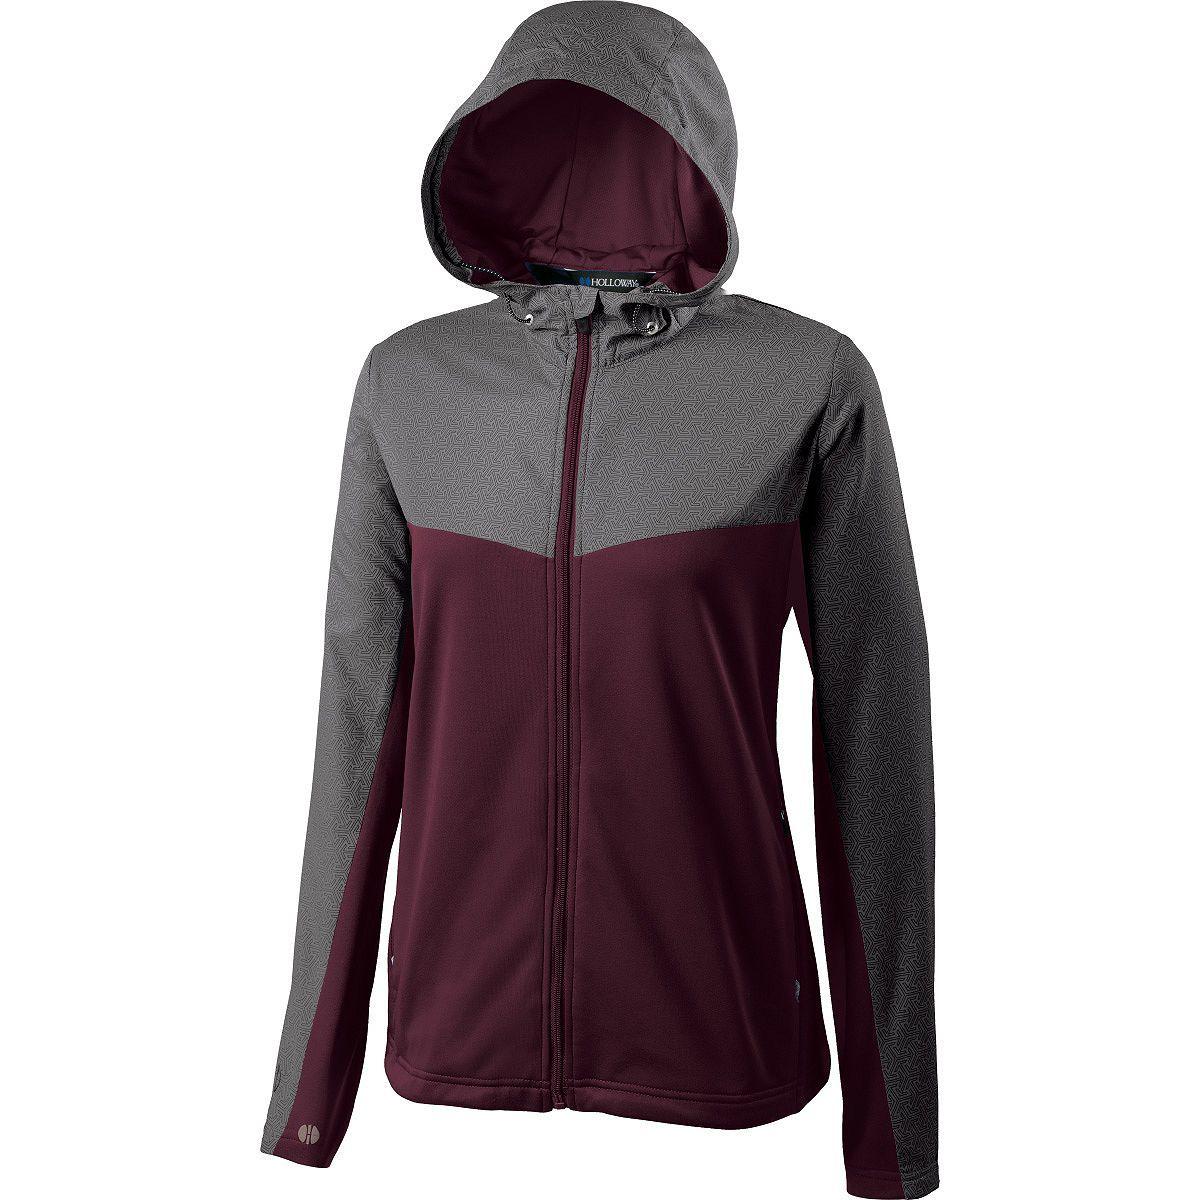 Ladies Crossover Jacket - GREY PRINT/MAROON